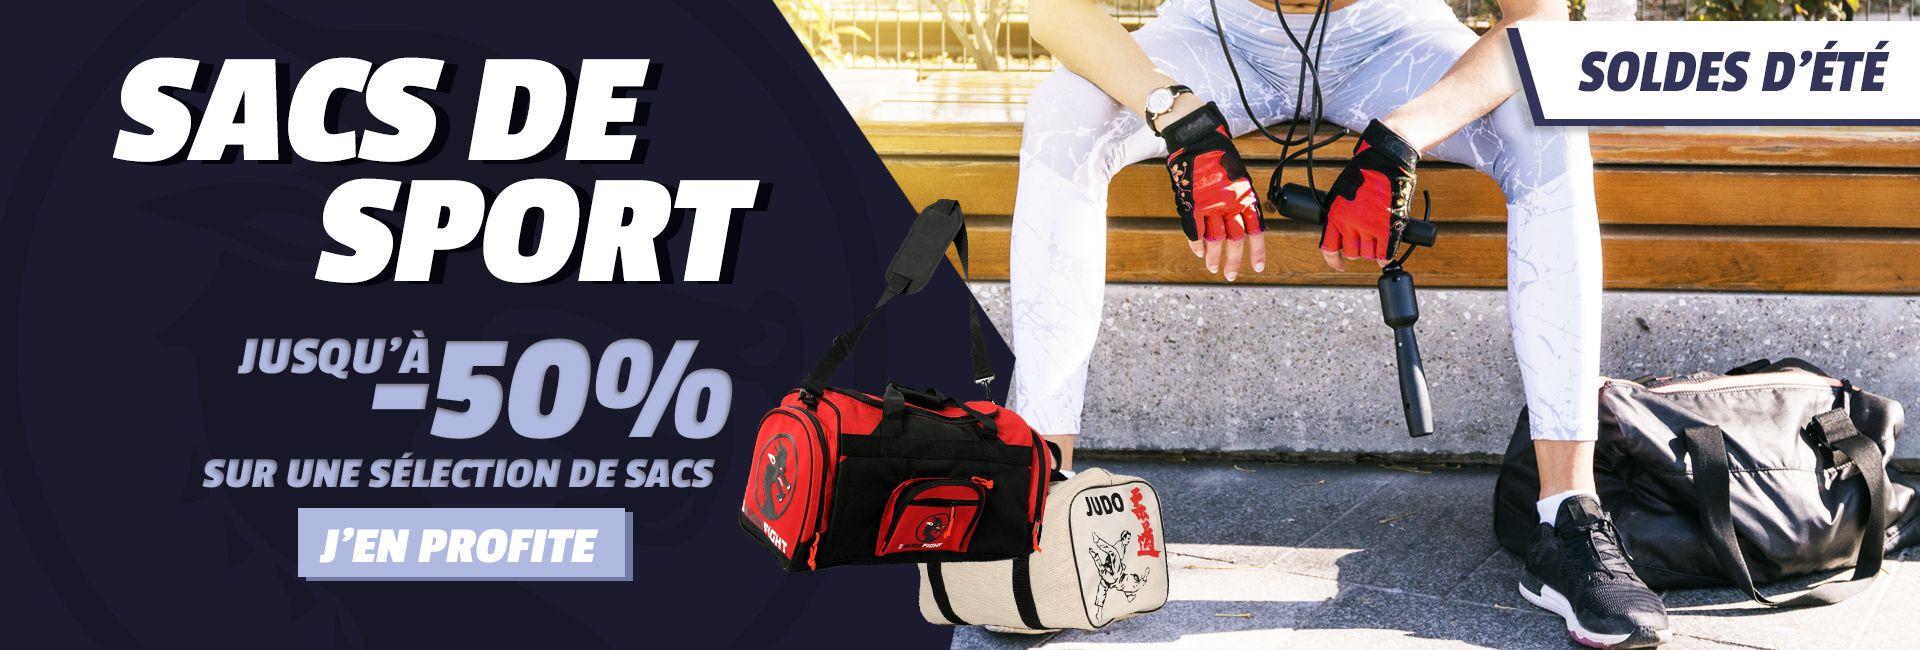 Soldes : jusqu'à -50% sur nos sacs de sport